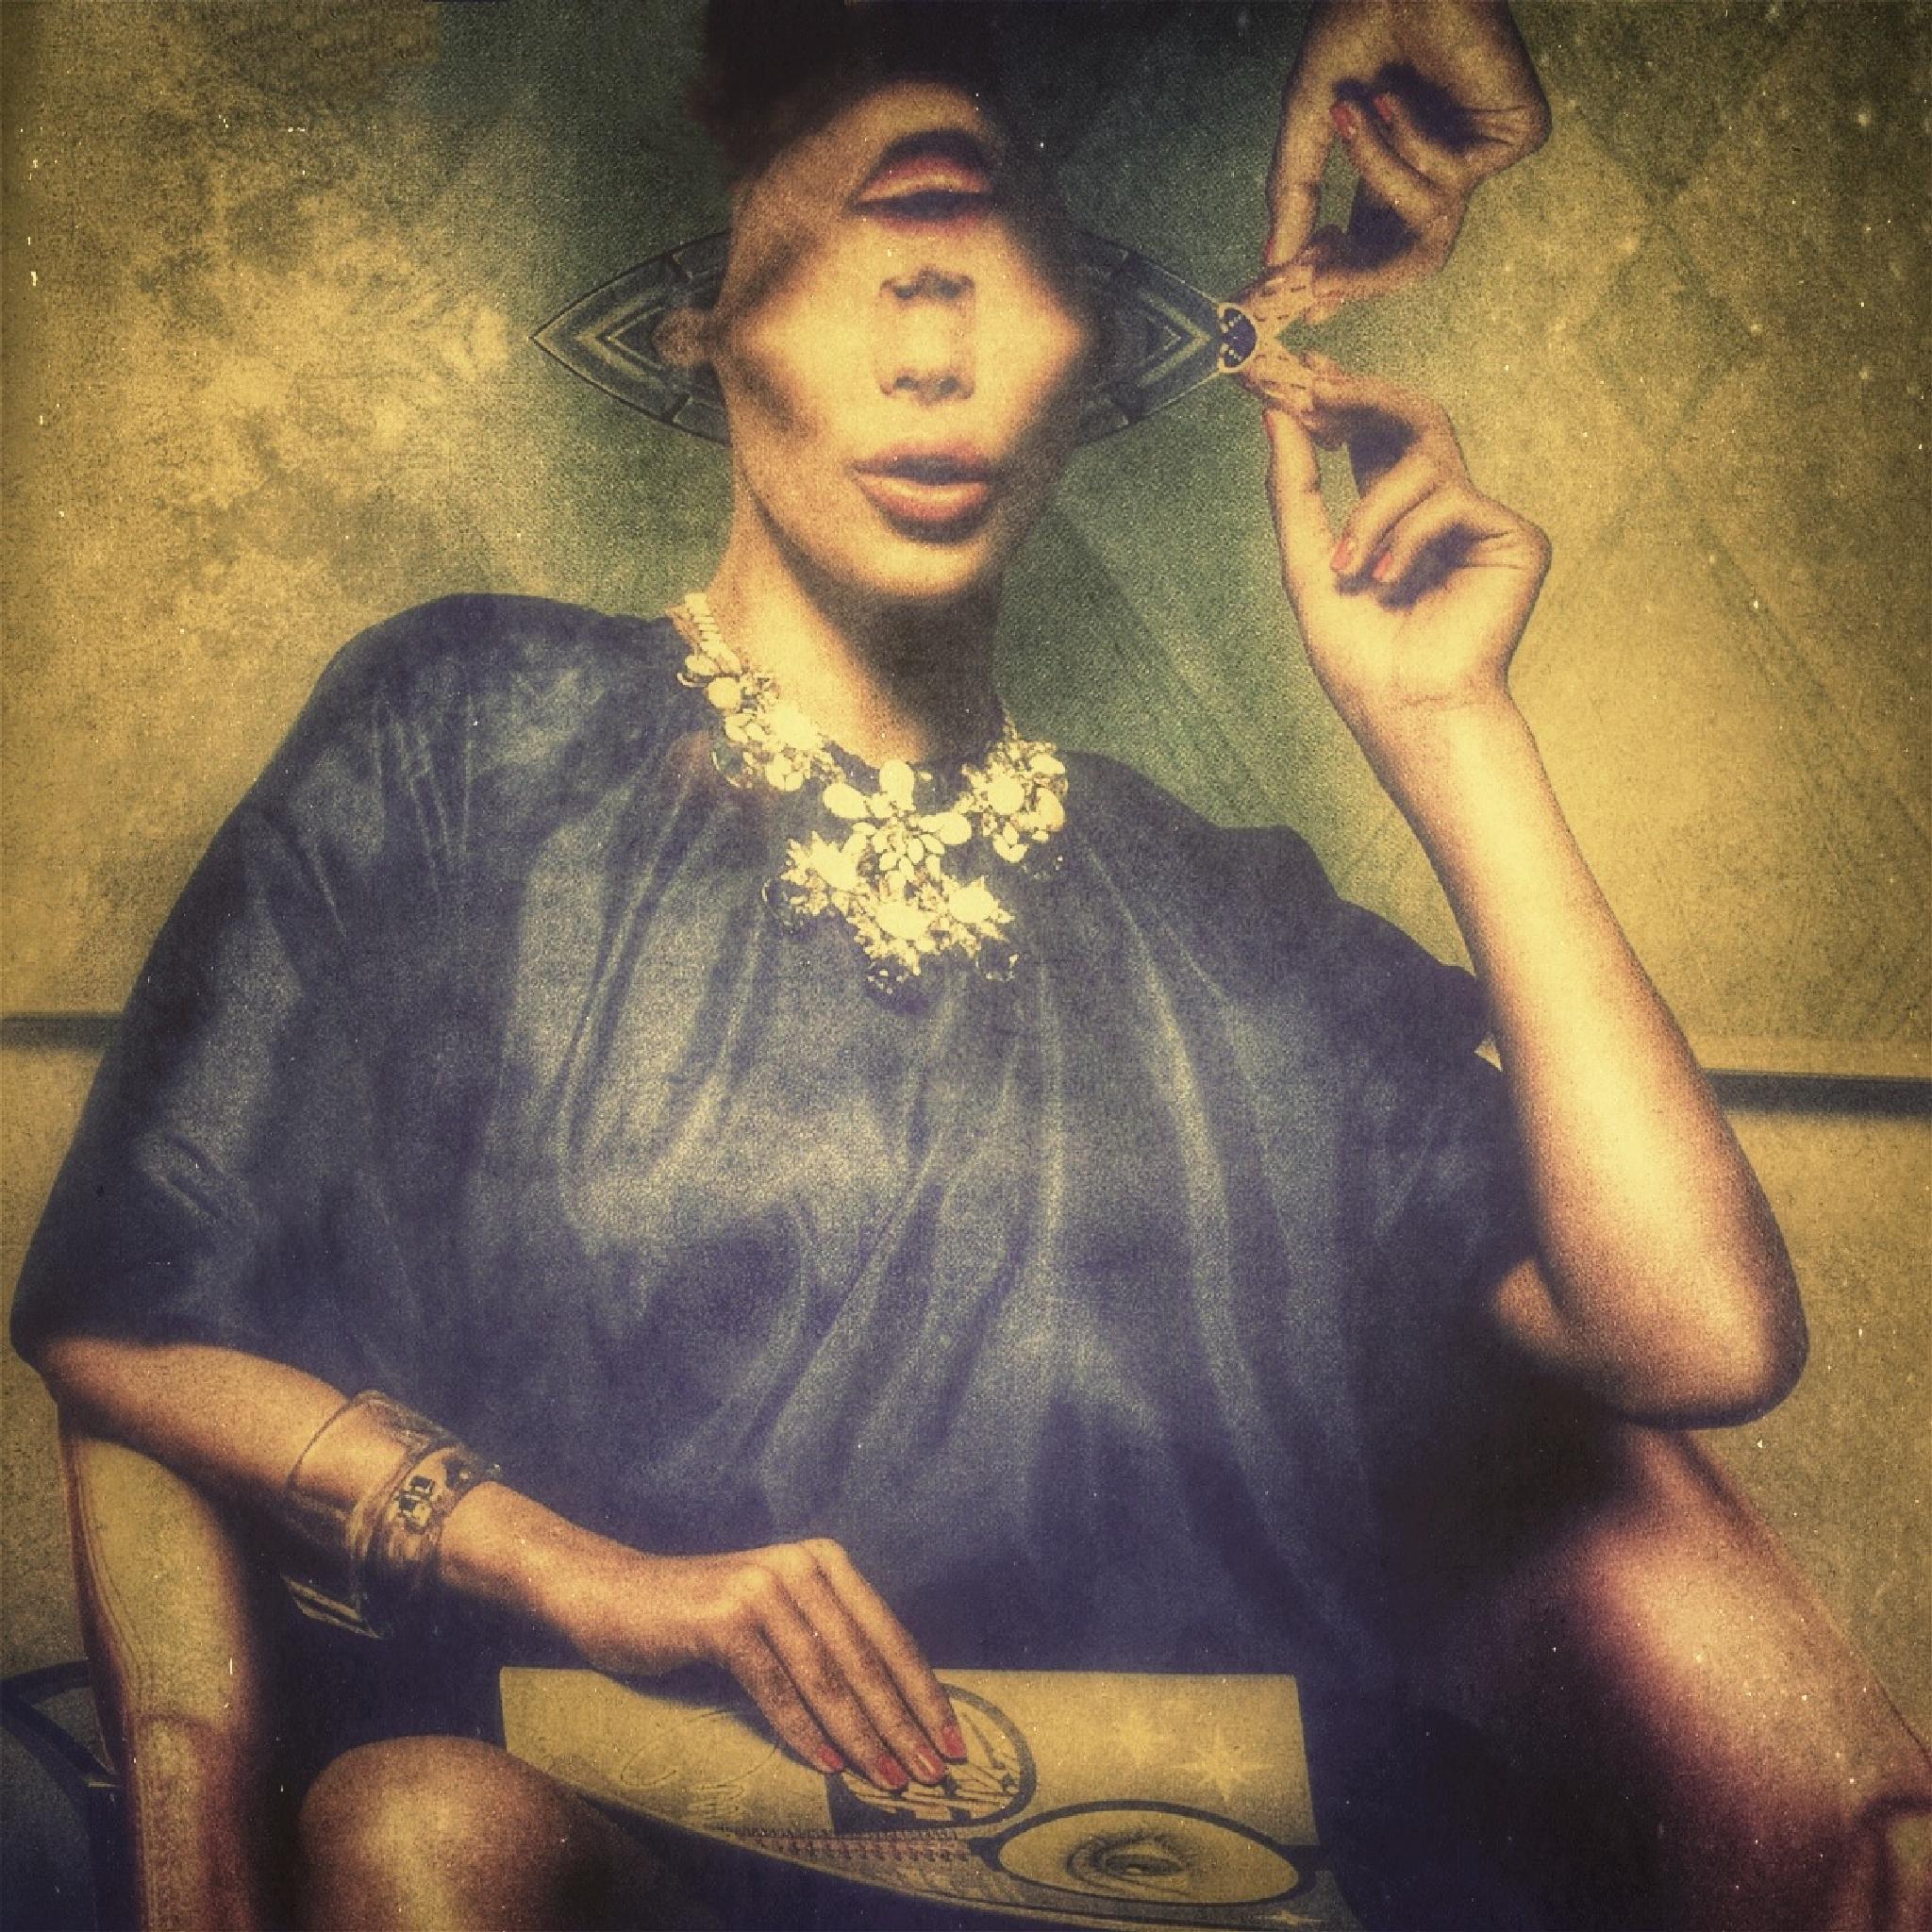 La Femme qui ne pouvait pas se voir (même en peinture) by miminepo